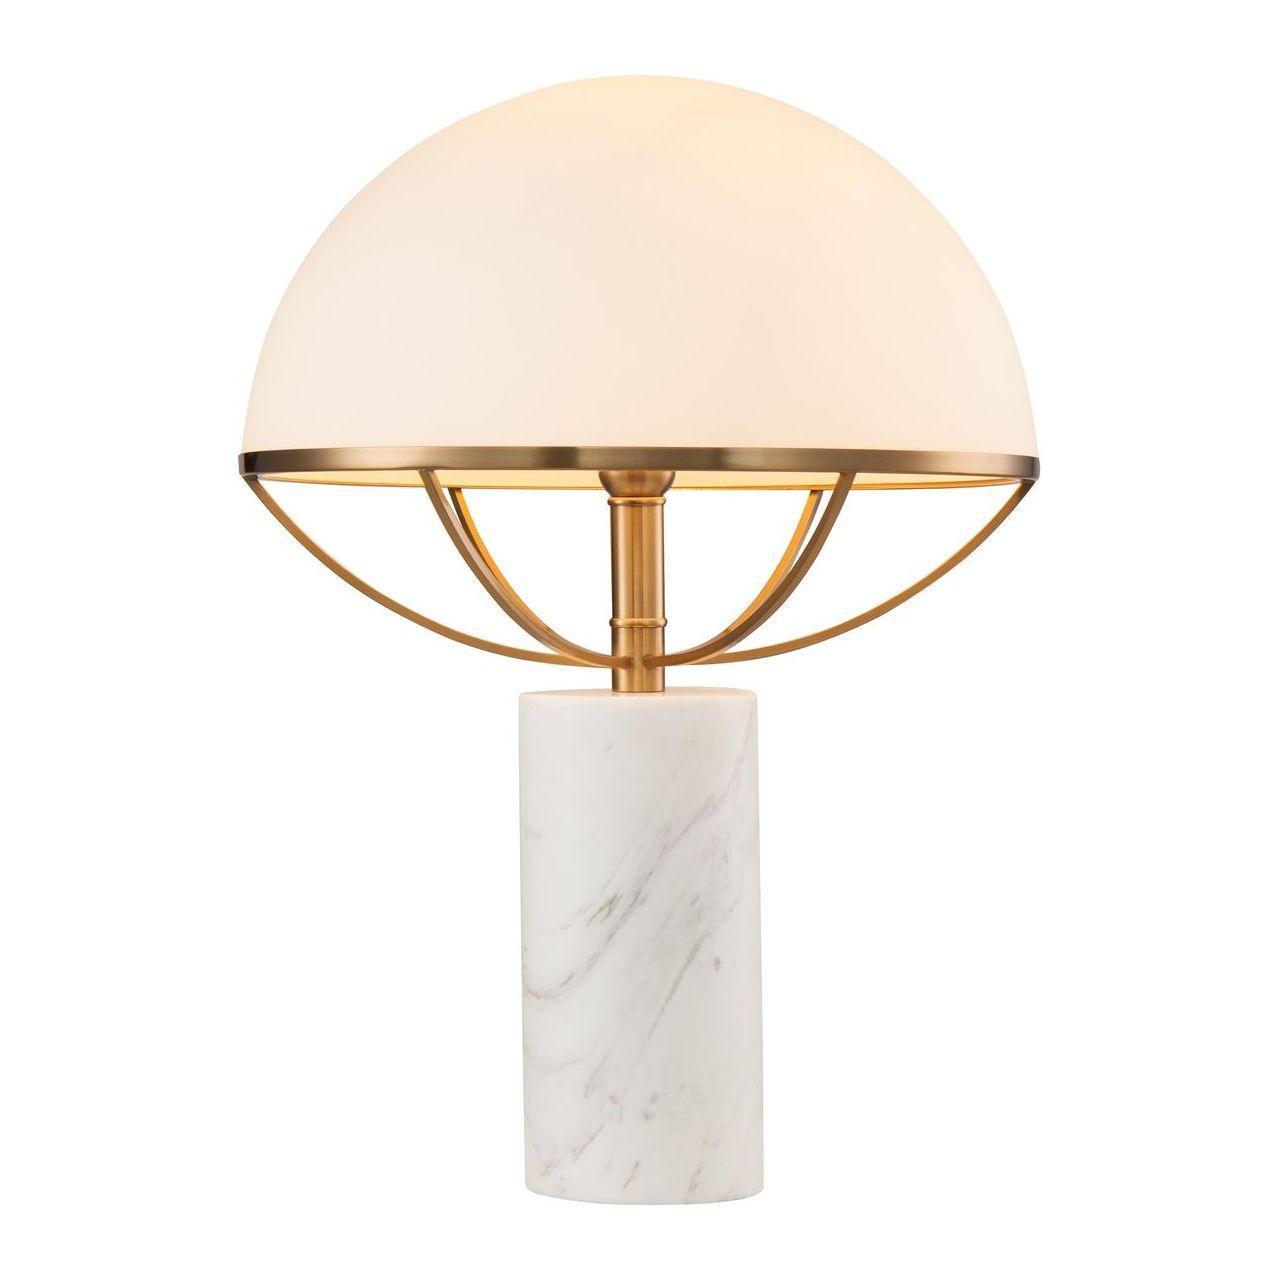 Настольная лампа Lucia Tucci Tous T1693.1 настольная лампа lucia tucci harrods t944 1